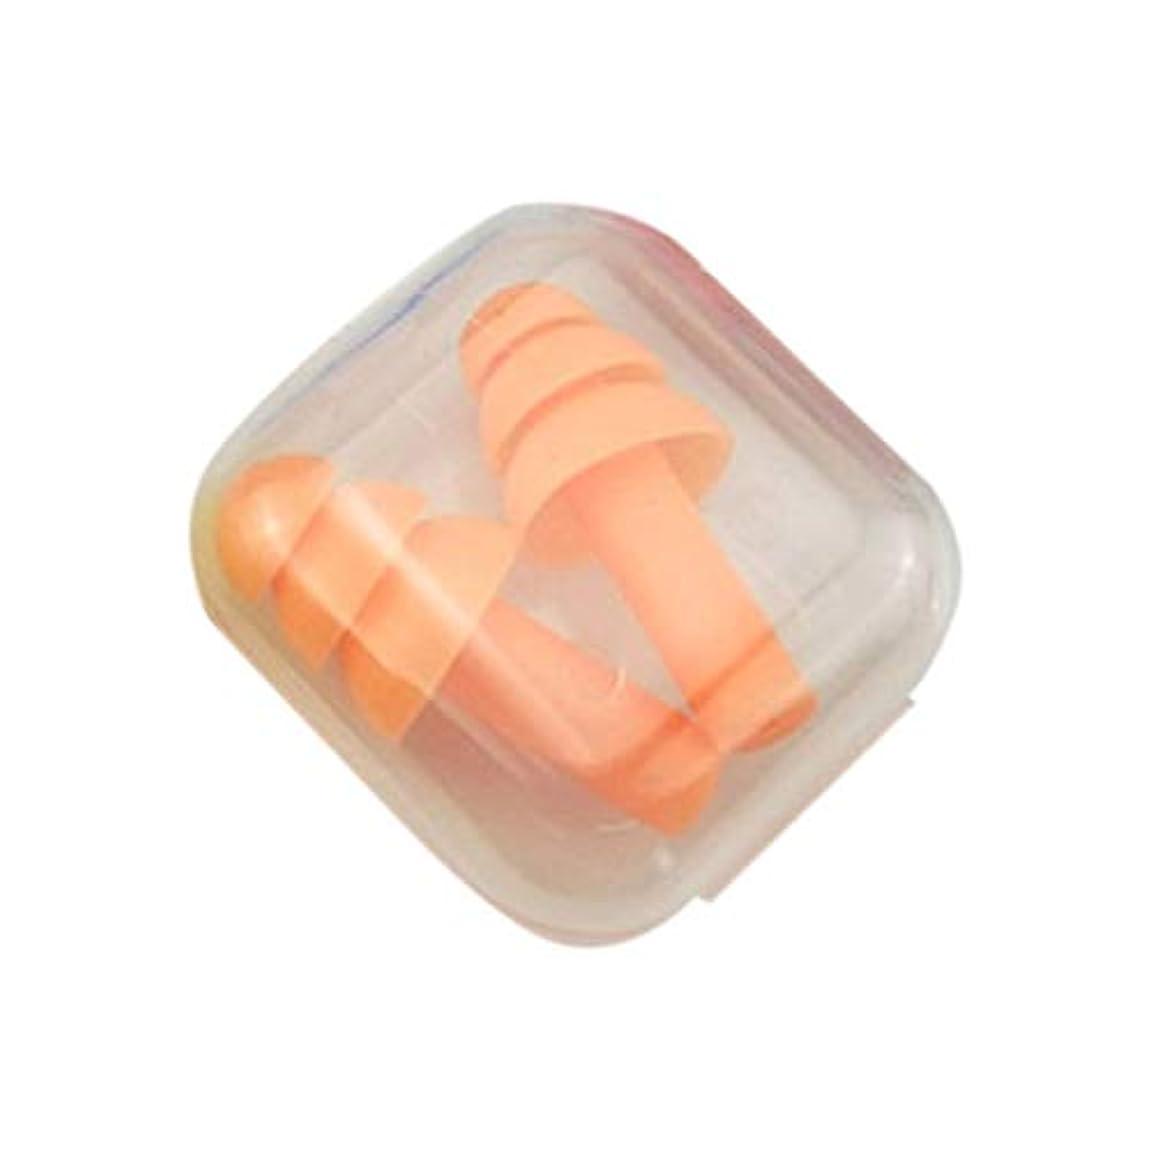 着る水曜日コークス柔らかいシリコーンの耳栓遮音用耳の保護用の耳栓防音睡眠ボックス付き収納ボックス - オレンジ